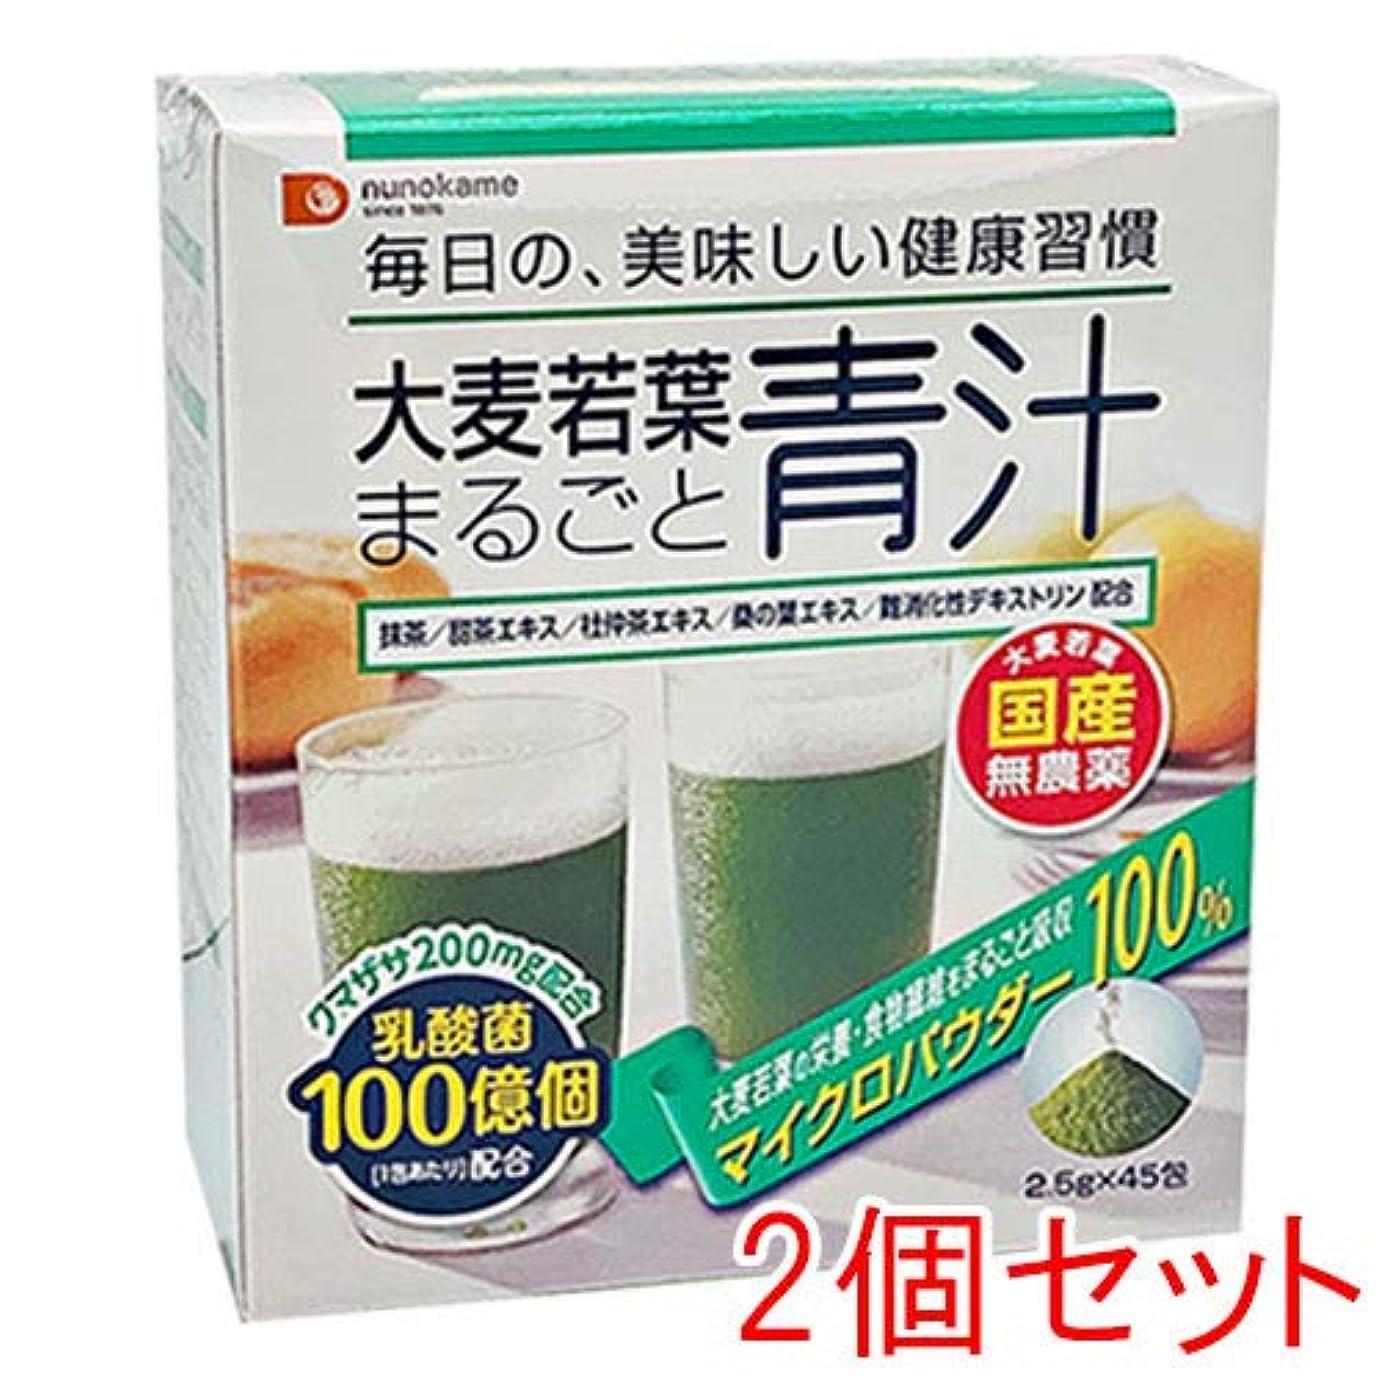 患者メロディアス抱擁大麦若葉まるごと青汁【2個セット】 2.5g×45包×2